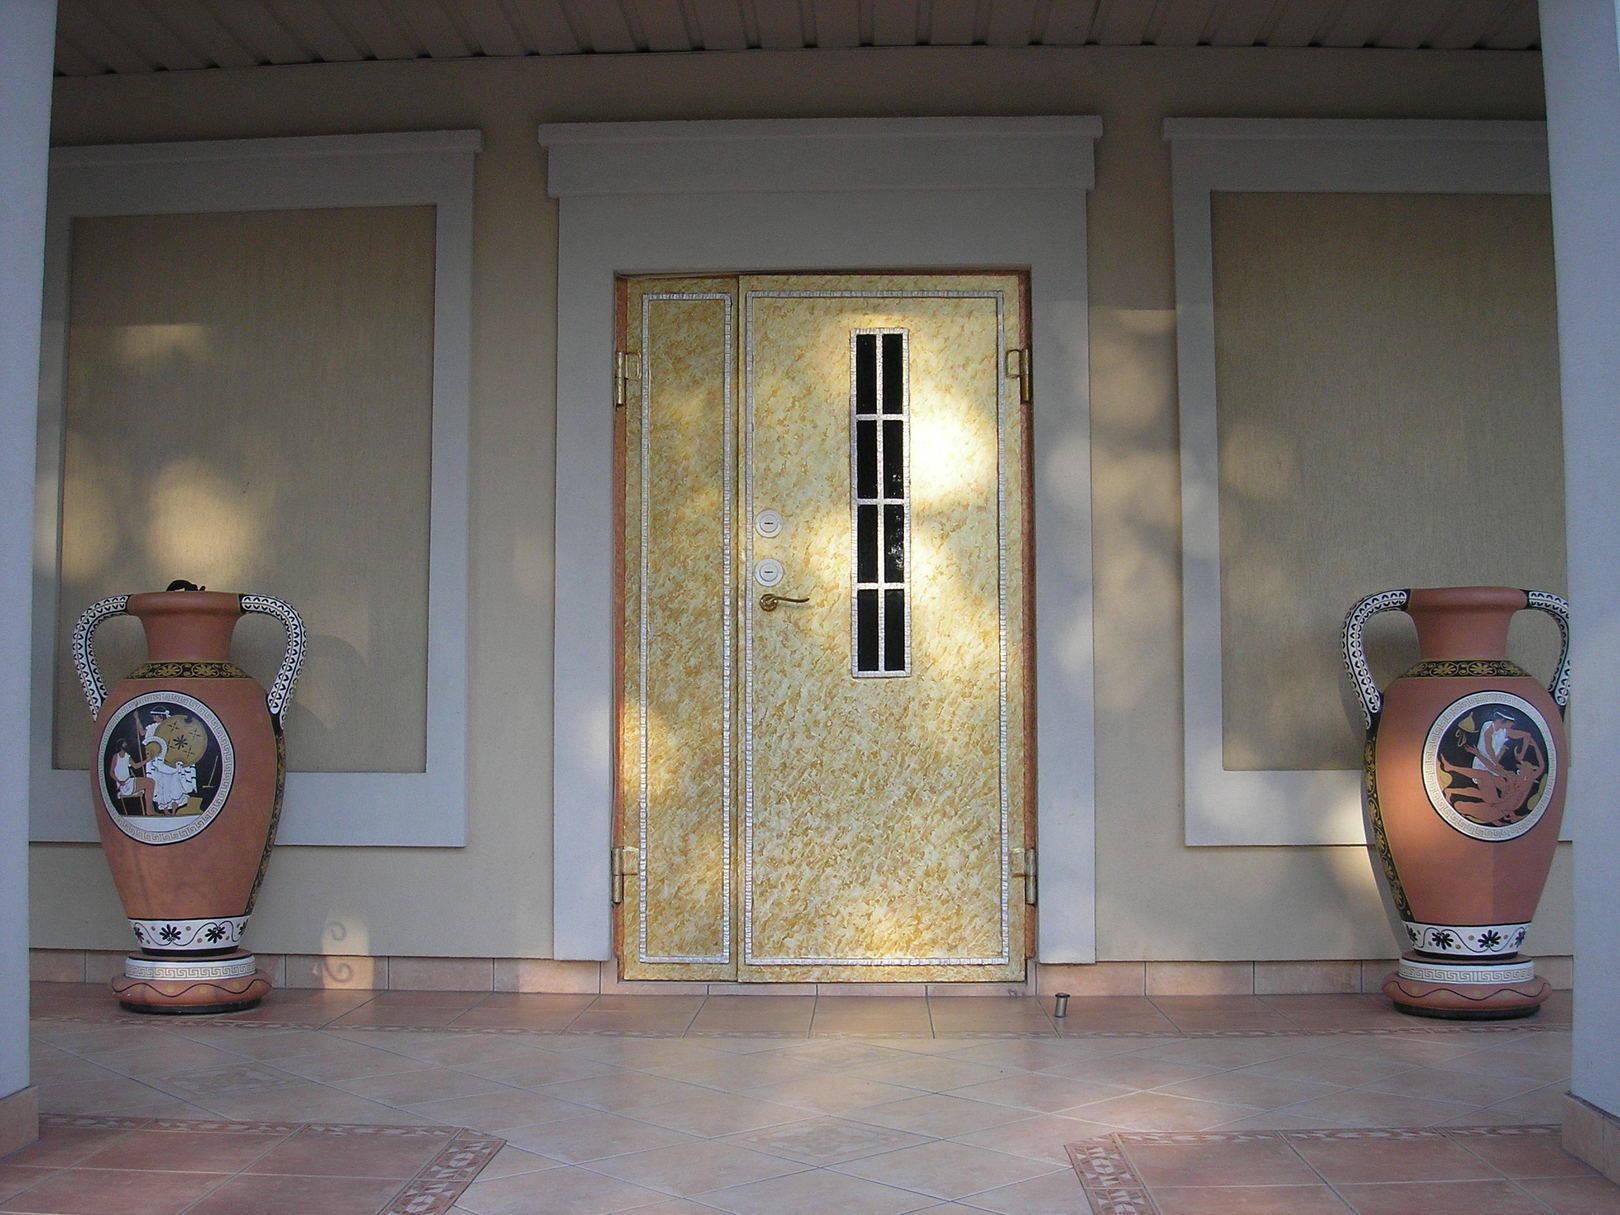 Амфоры у входа в дом. Покраска двери исполнена в авторской технике.